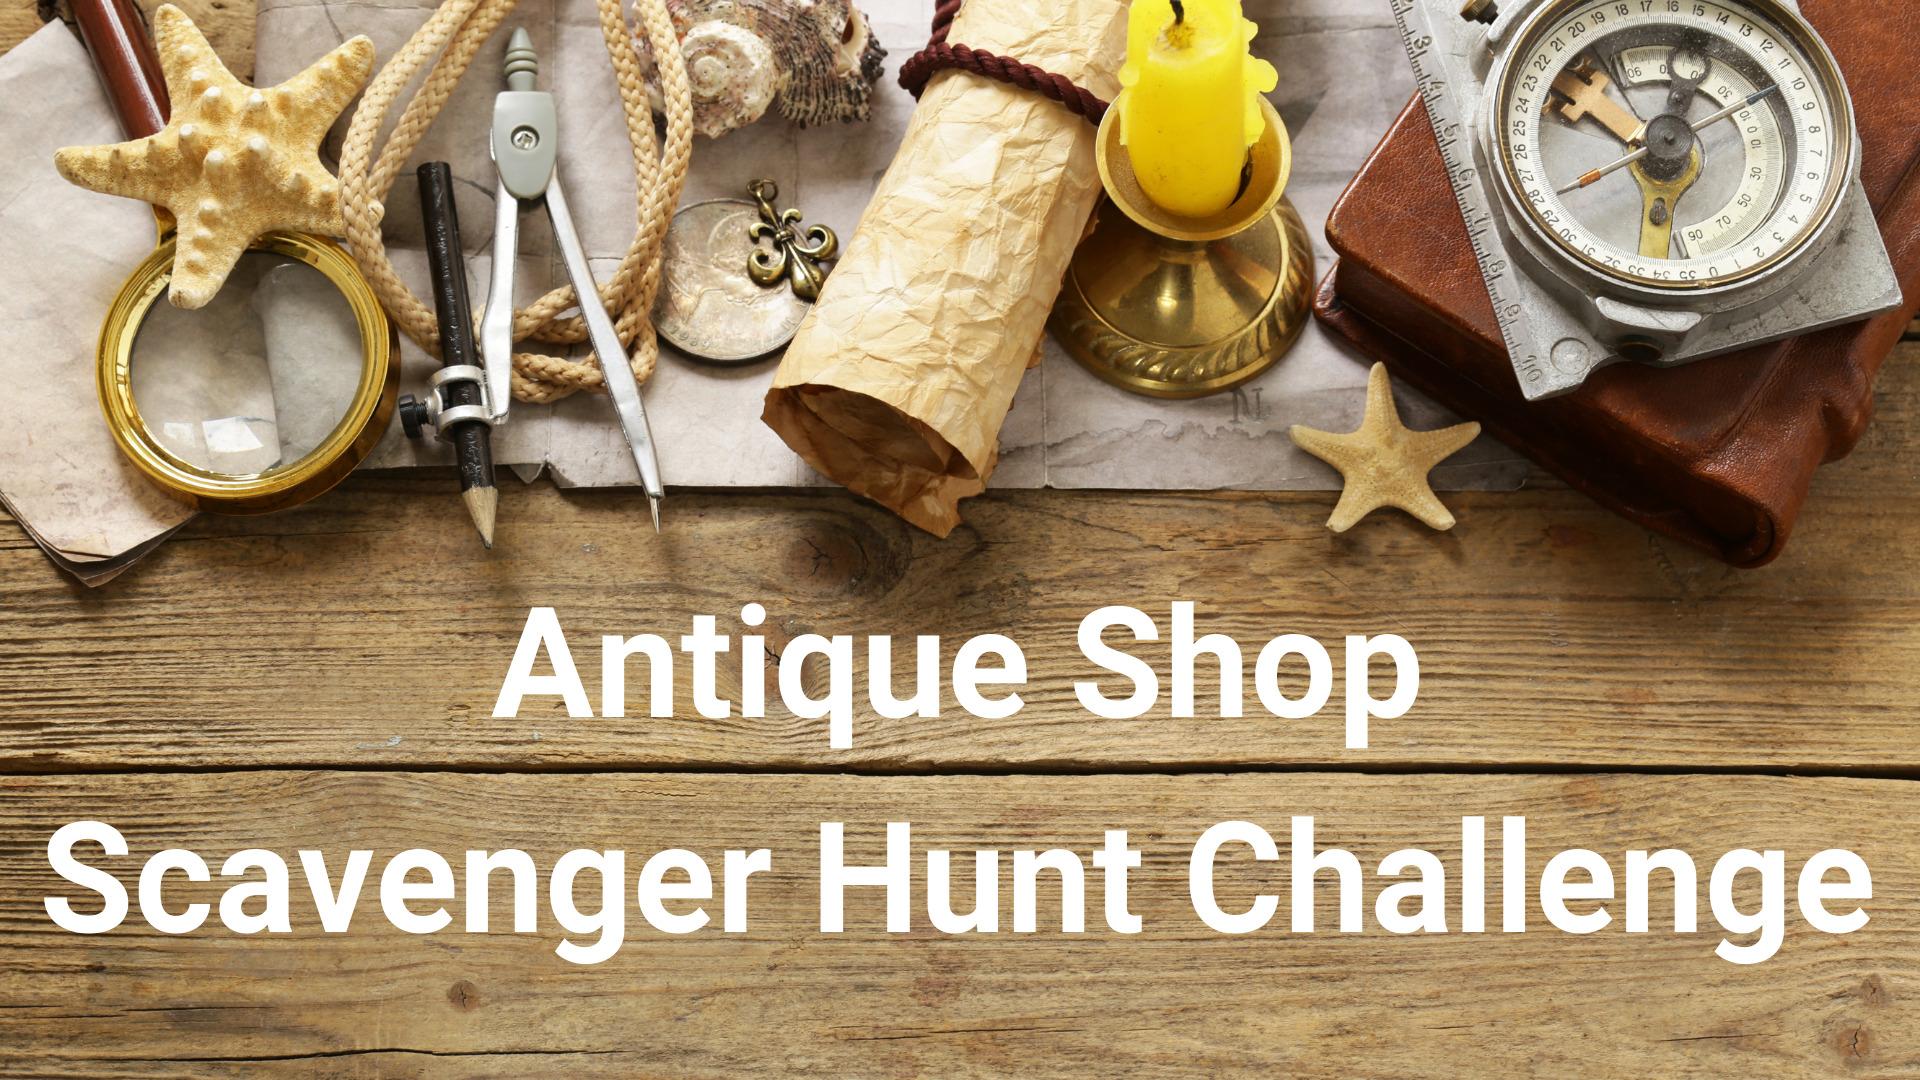 Antique Shop Scavenger Hunt Challenge